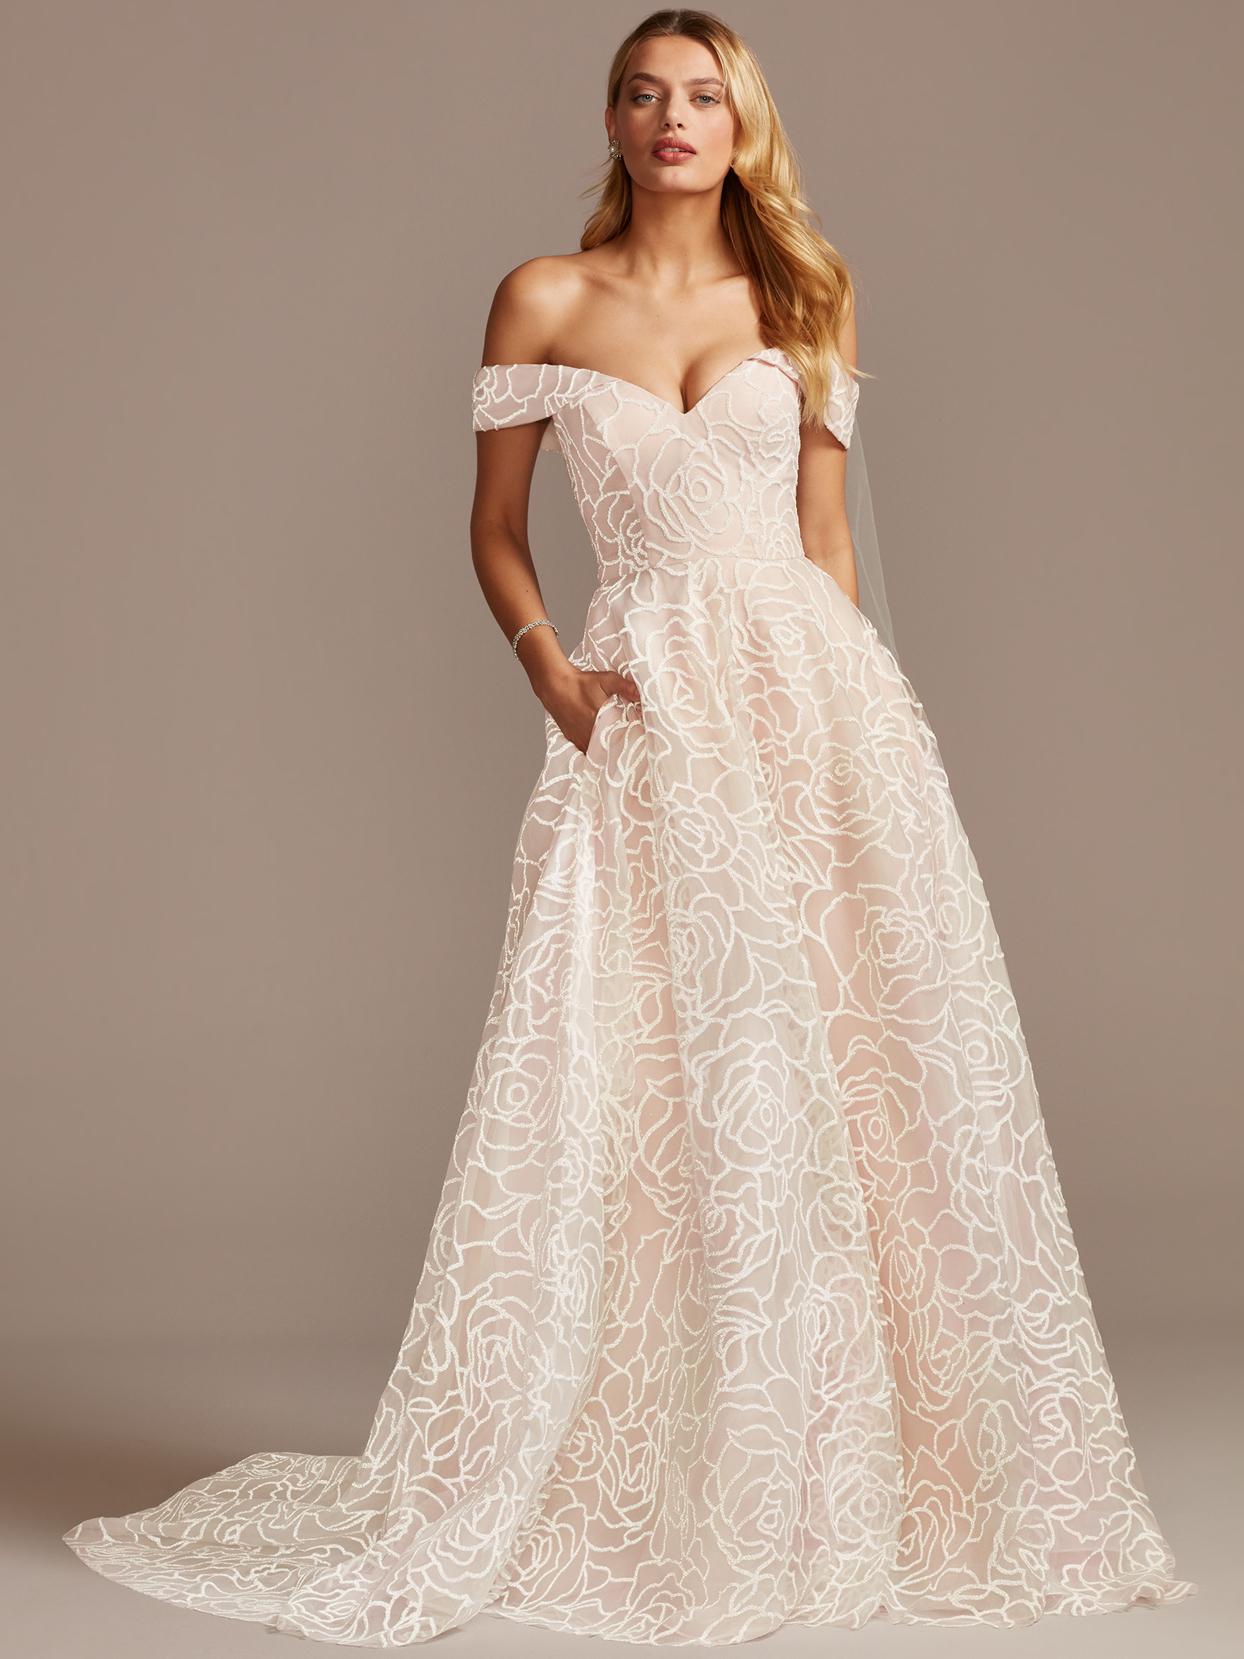 davids bridal off-the-shoulder floral print embroidered wedding dress spring 2021